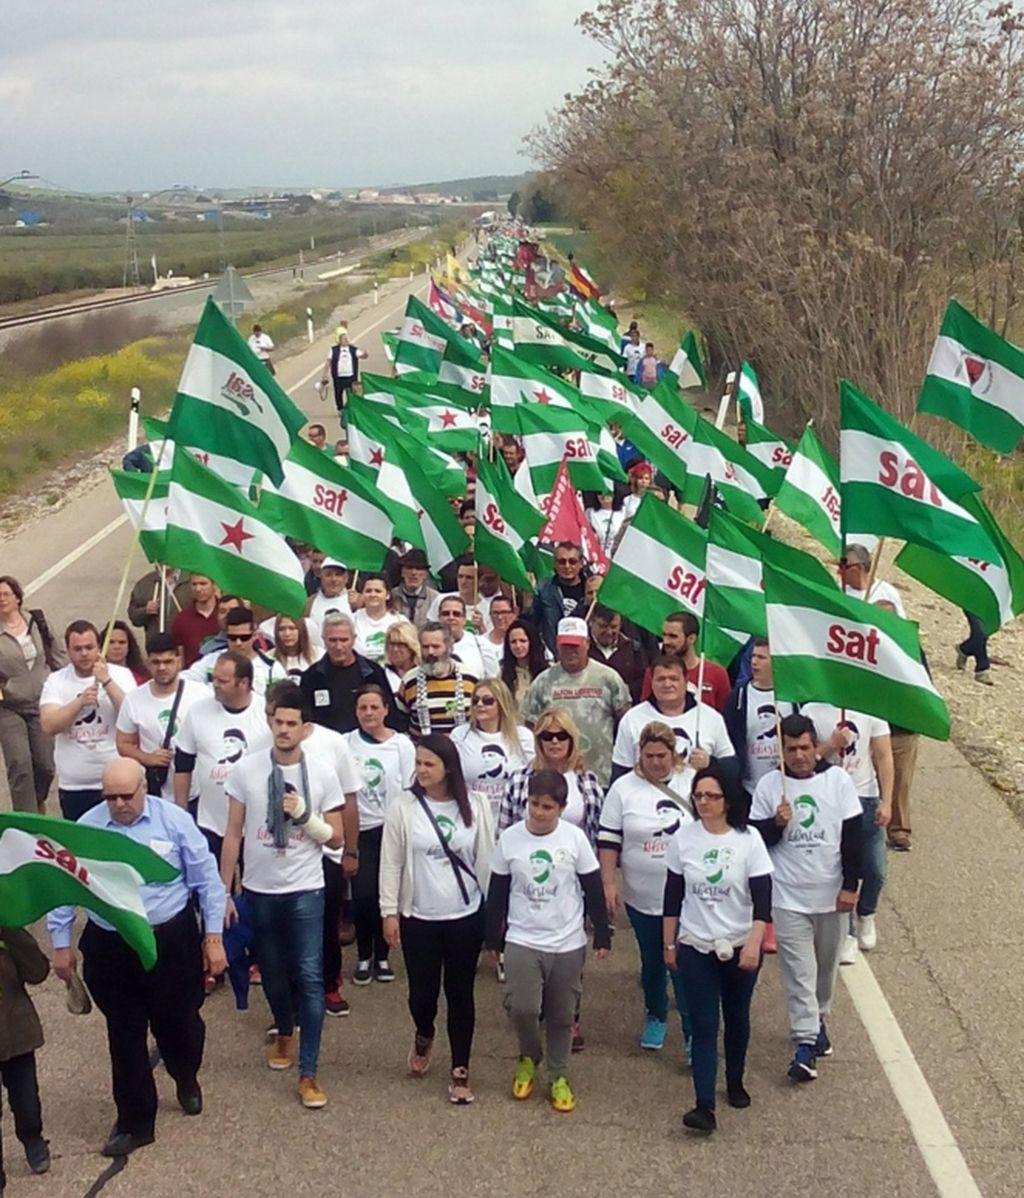 Una marcha del SAT pide la libertad para el concejal Andrés Bódalo